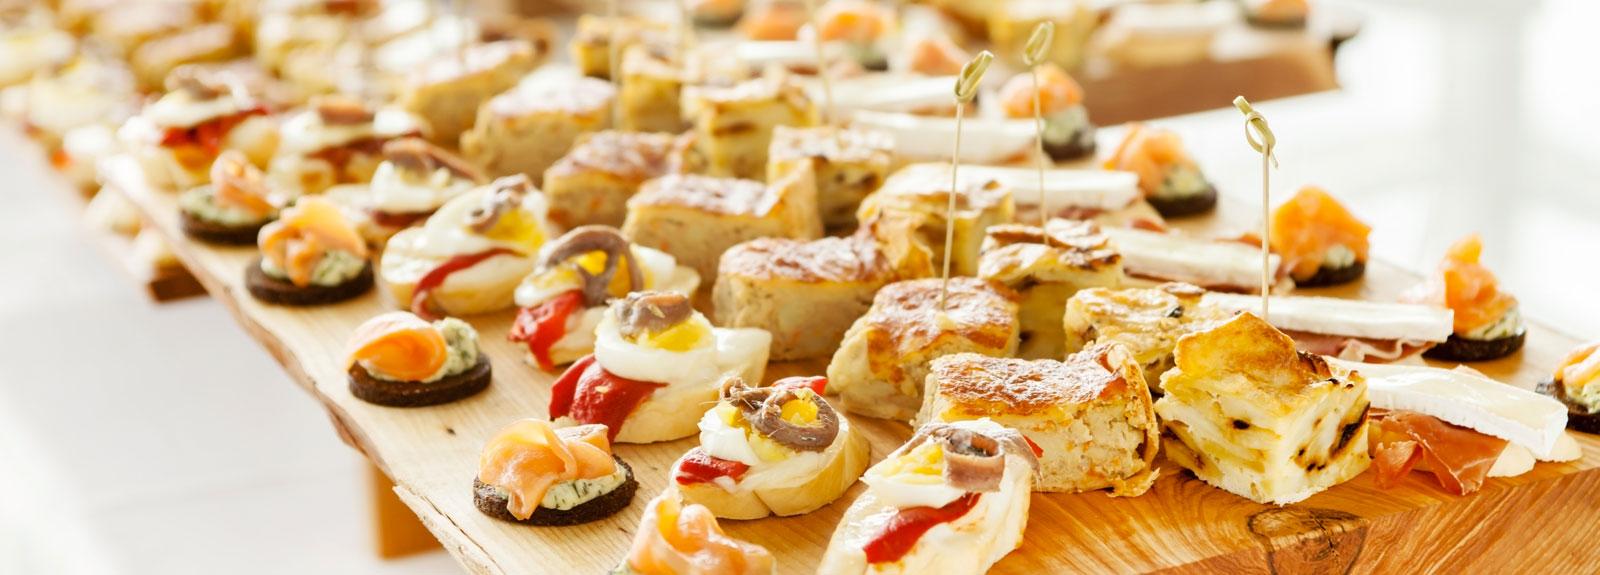 banchetti-aziendali-pasticceria-valentino-vogogna